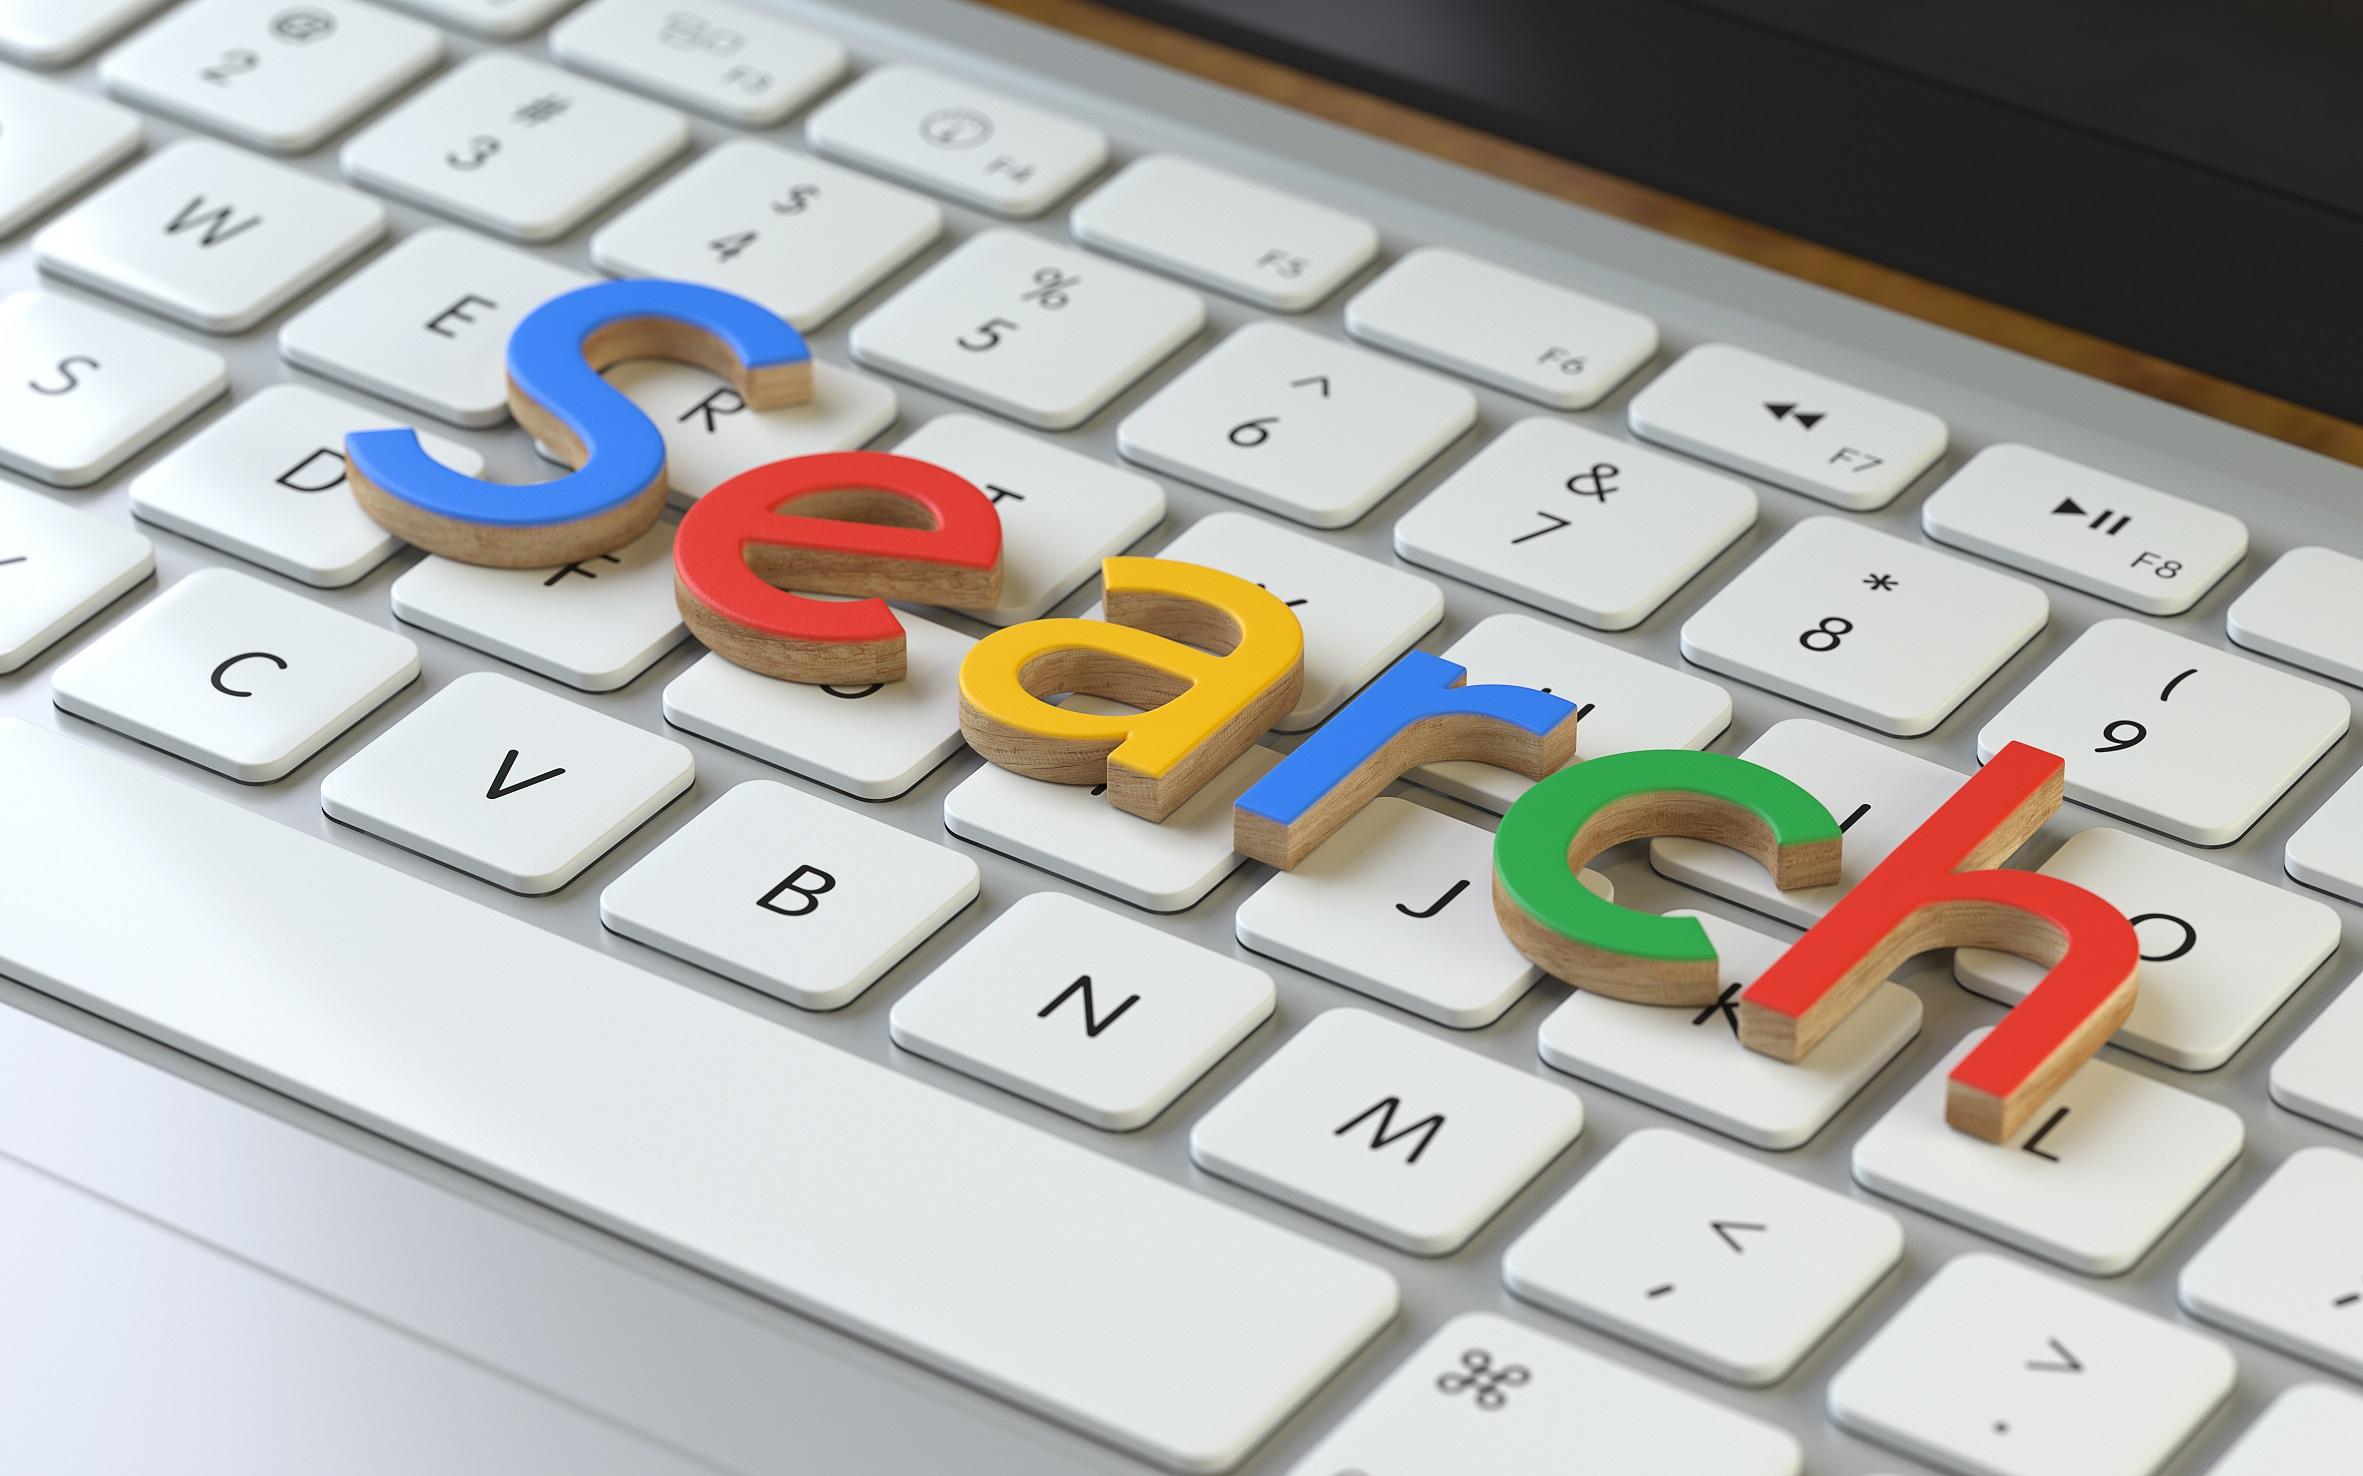 Cache di Google, cos'è e perché è importante tenerla monitorata?